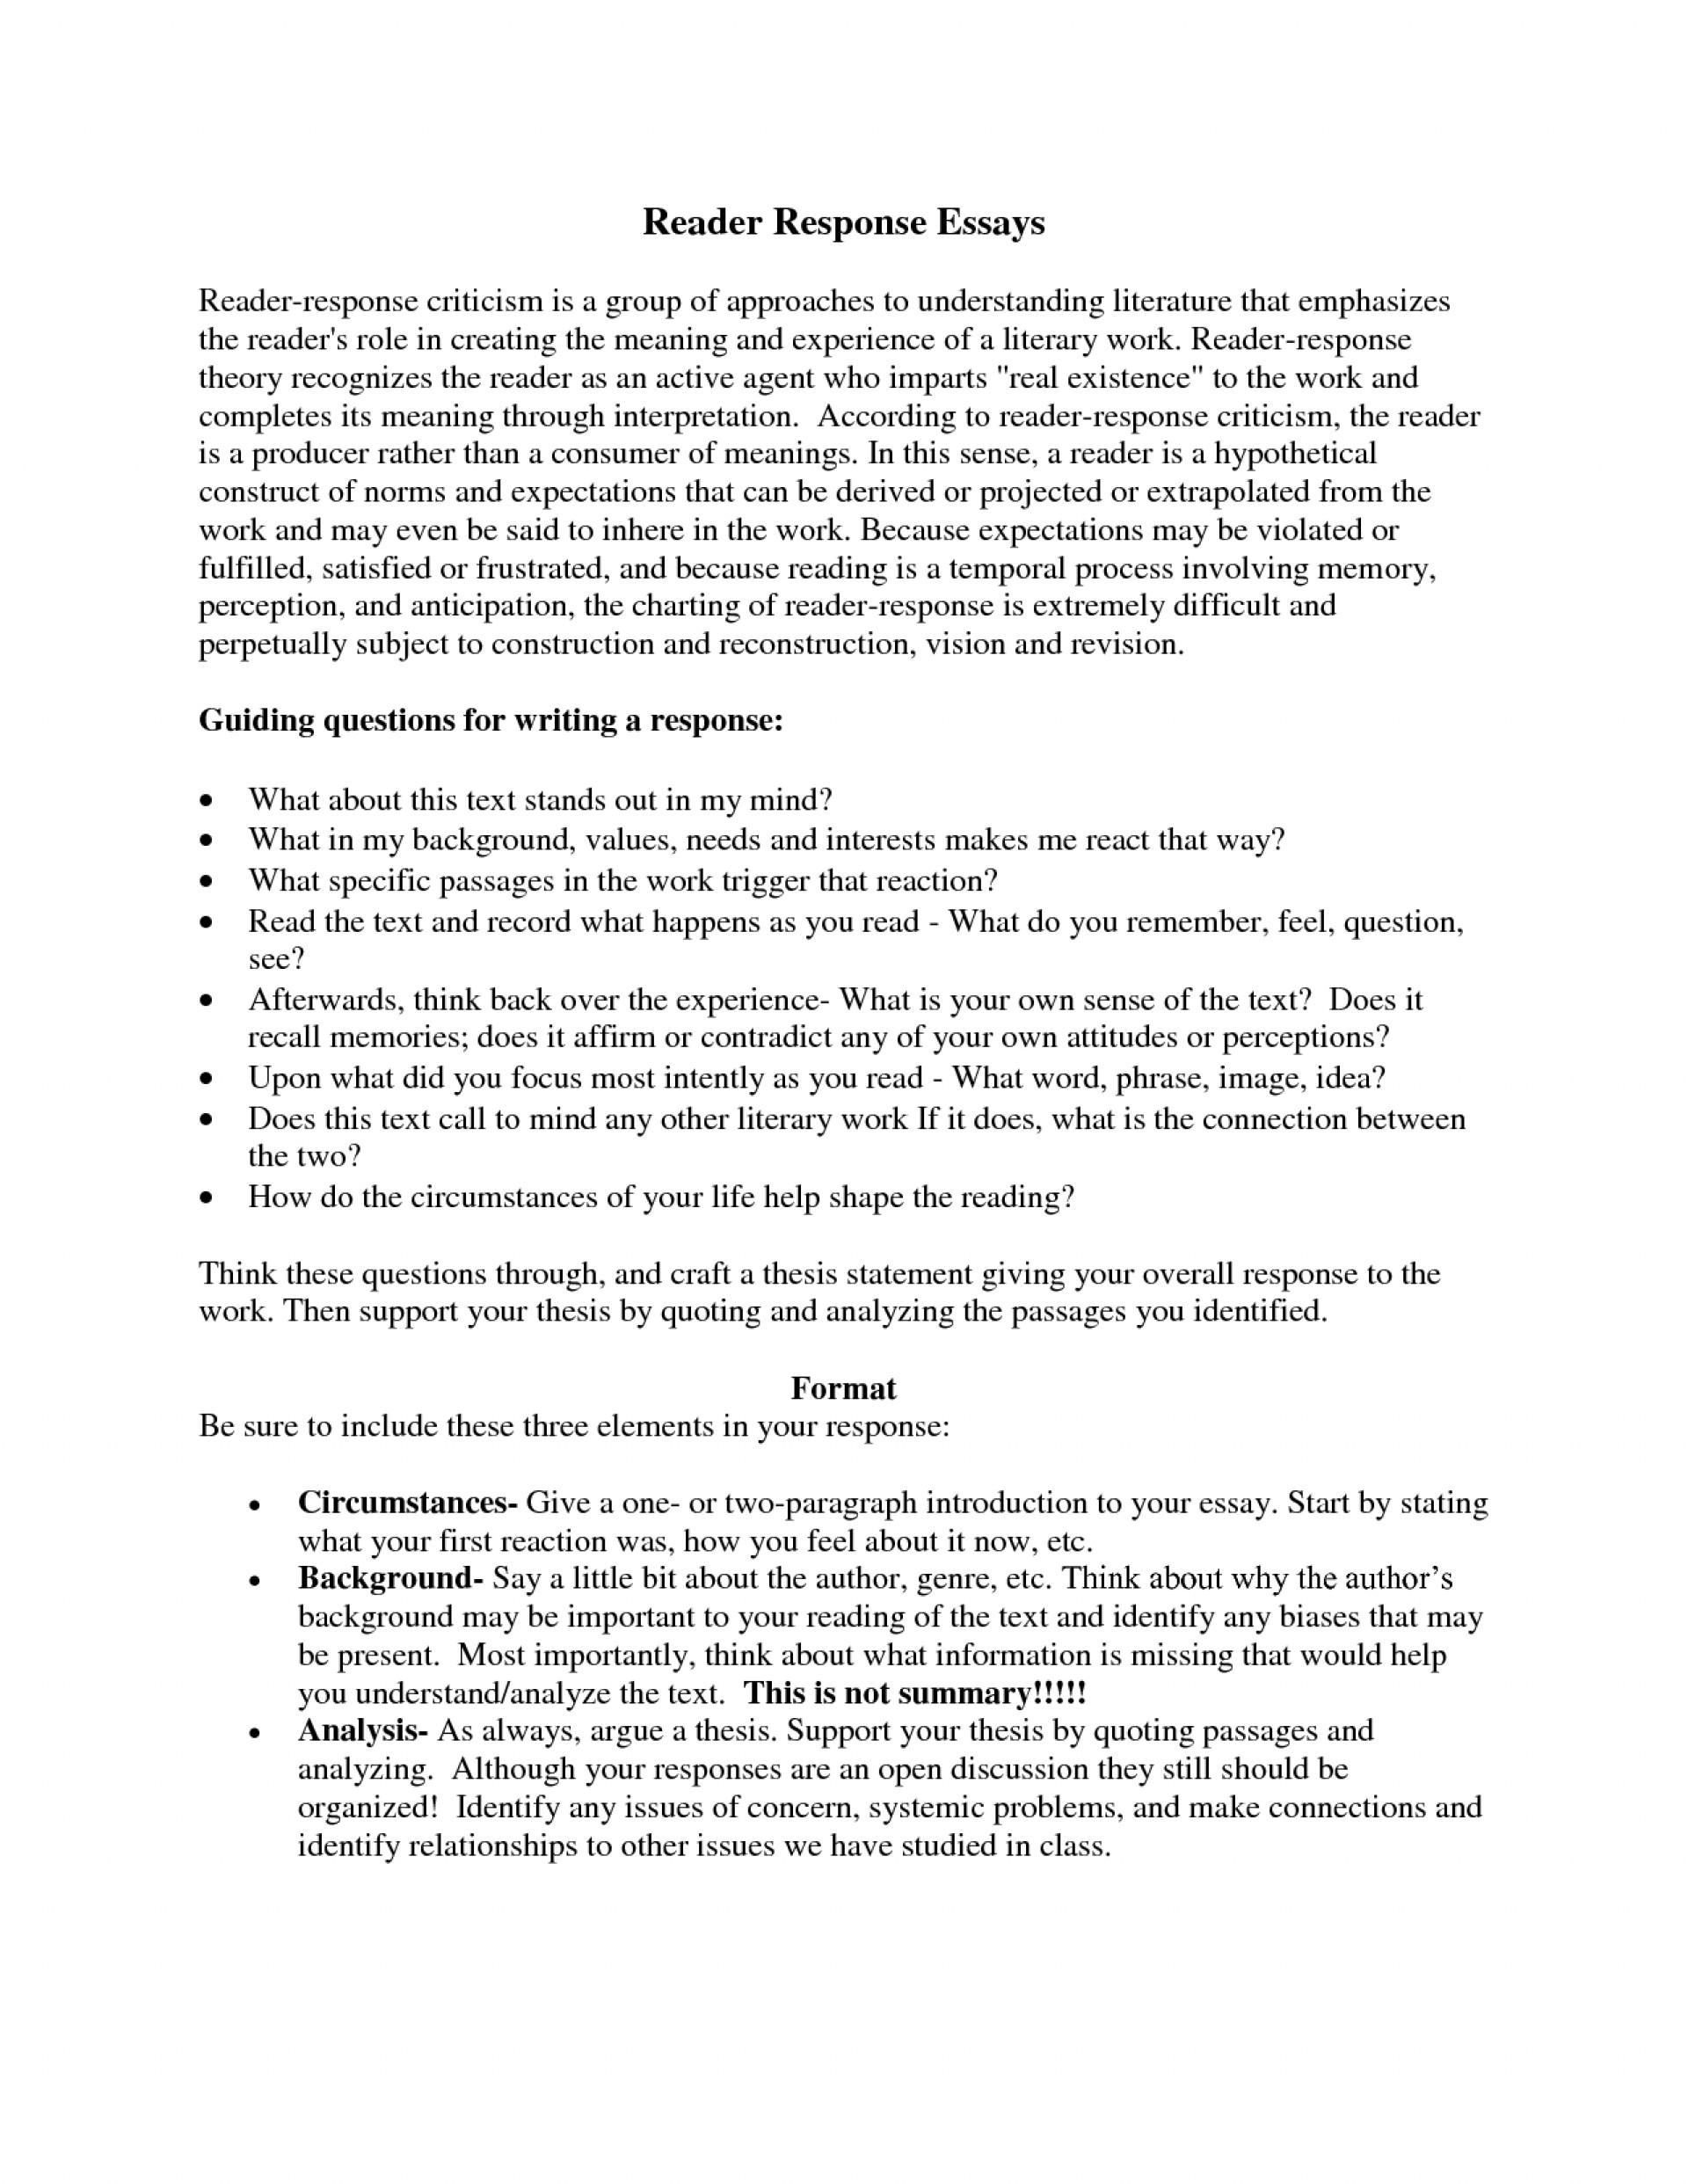 Against organ donation essay